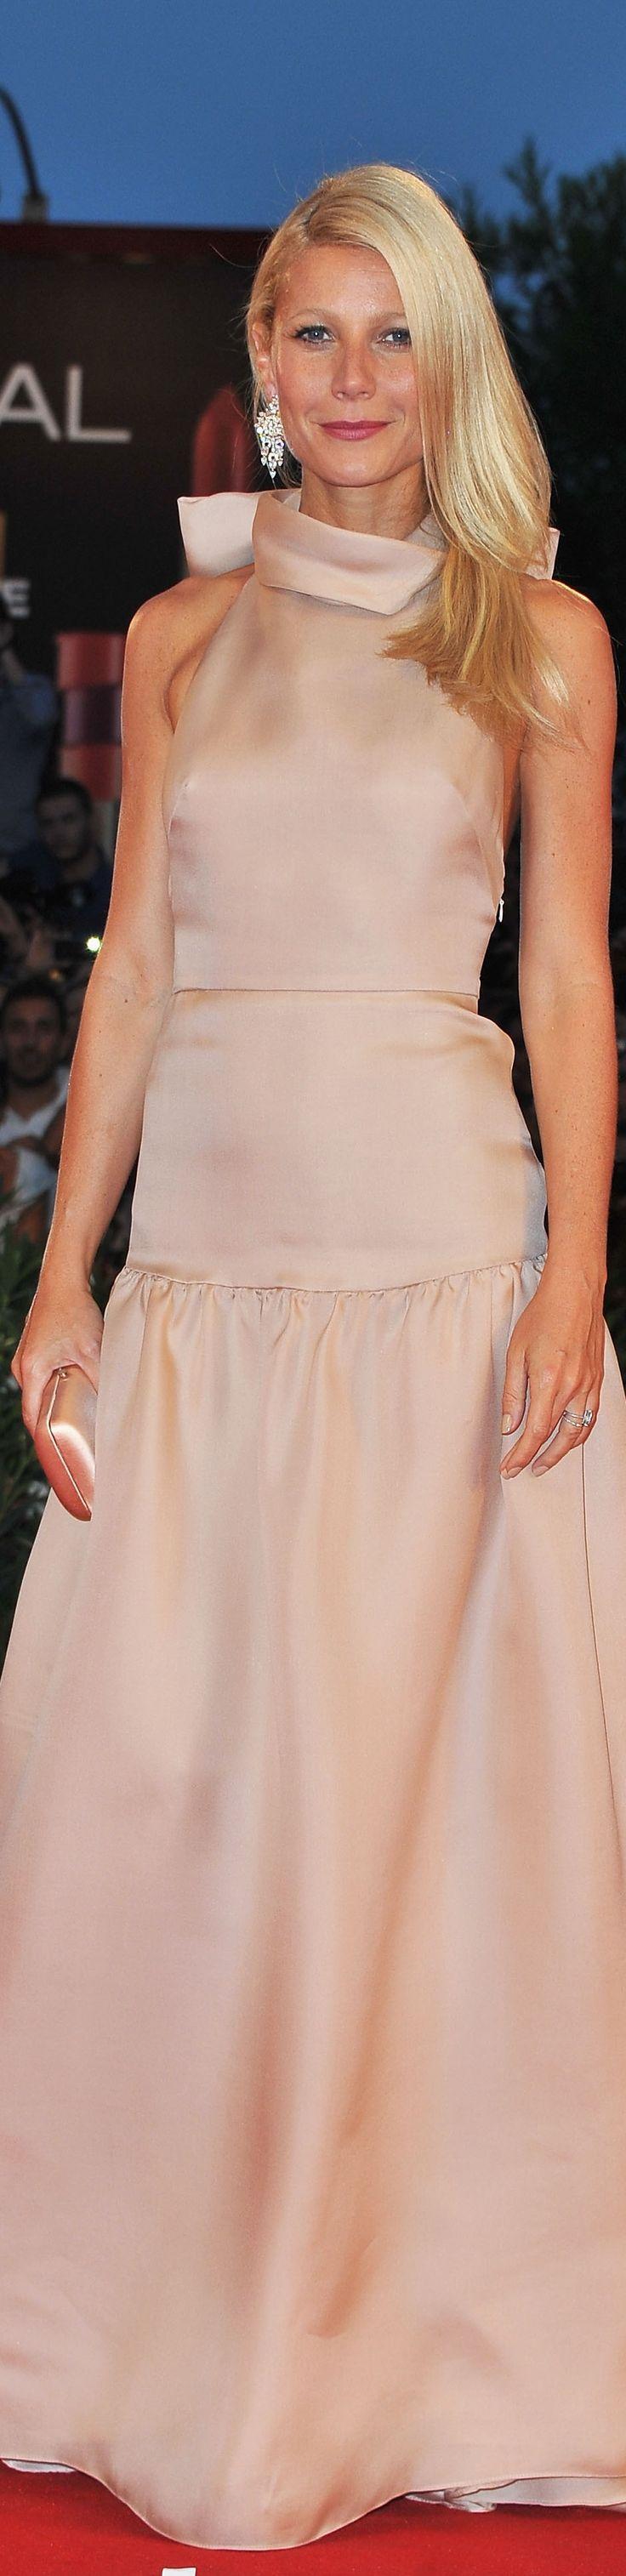 Gwyneth Paltrow - Prada ?BOUTIQUE CHIC? | Film Flam | Pinterest ...